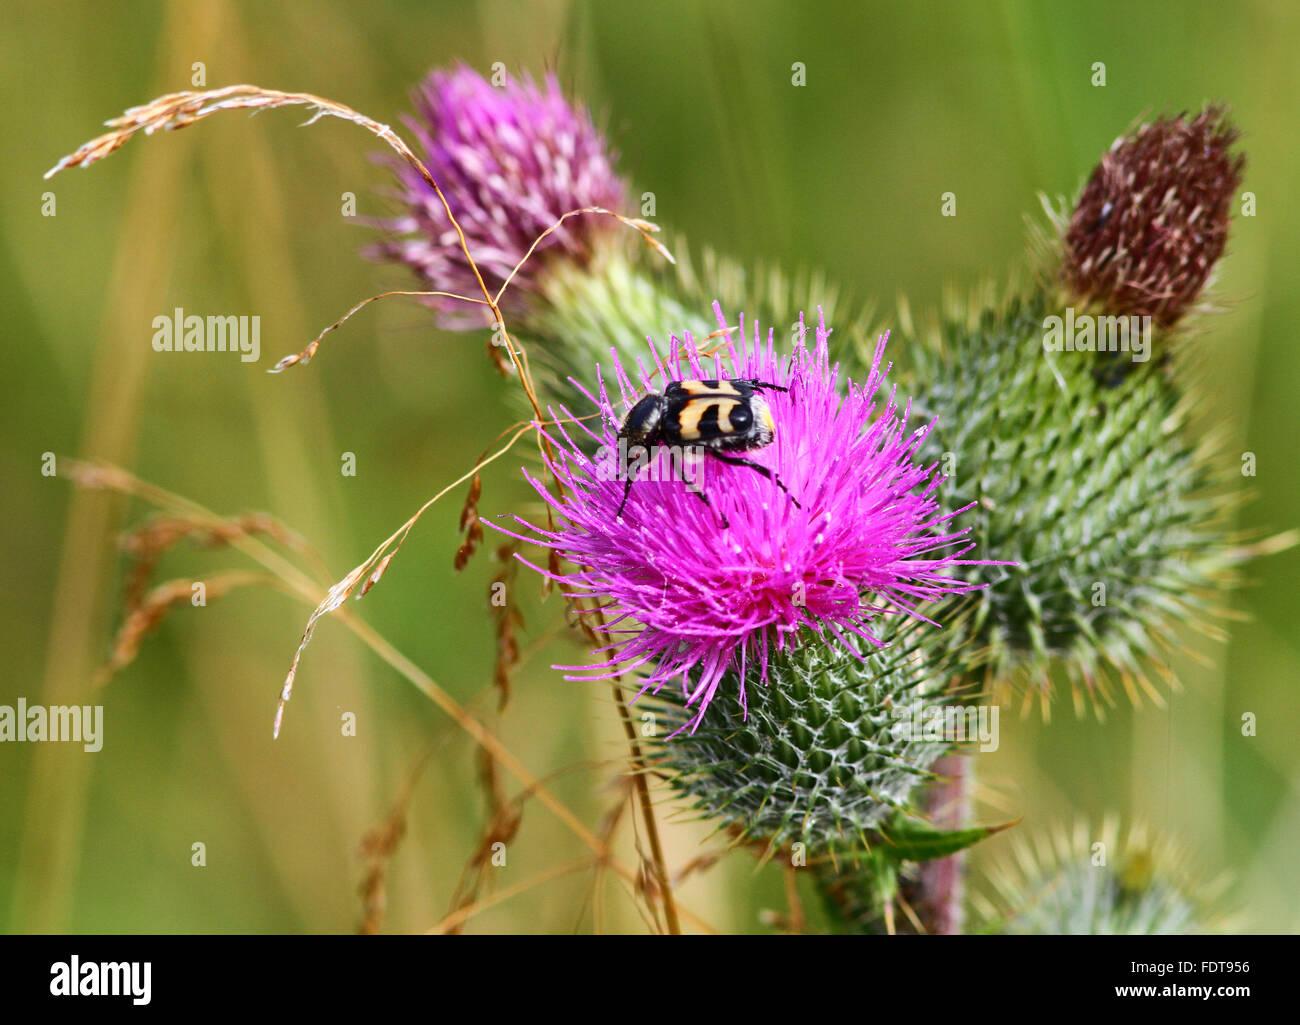 Bee Beetle on Thistle - Stock Image